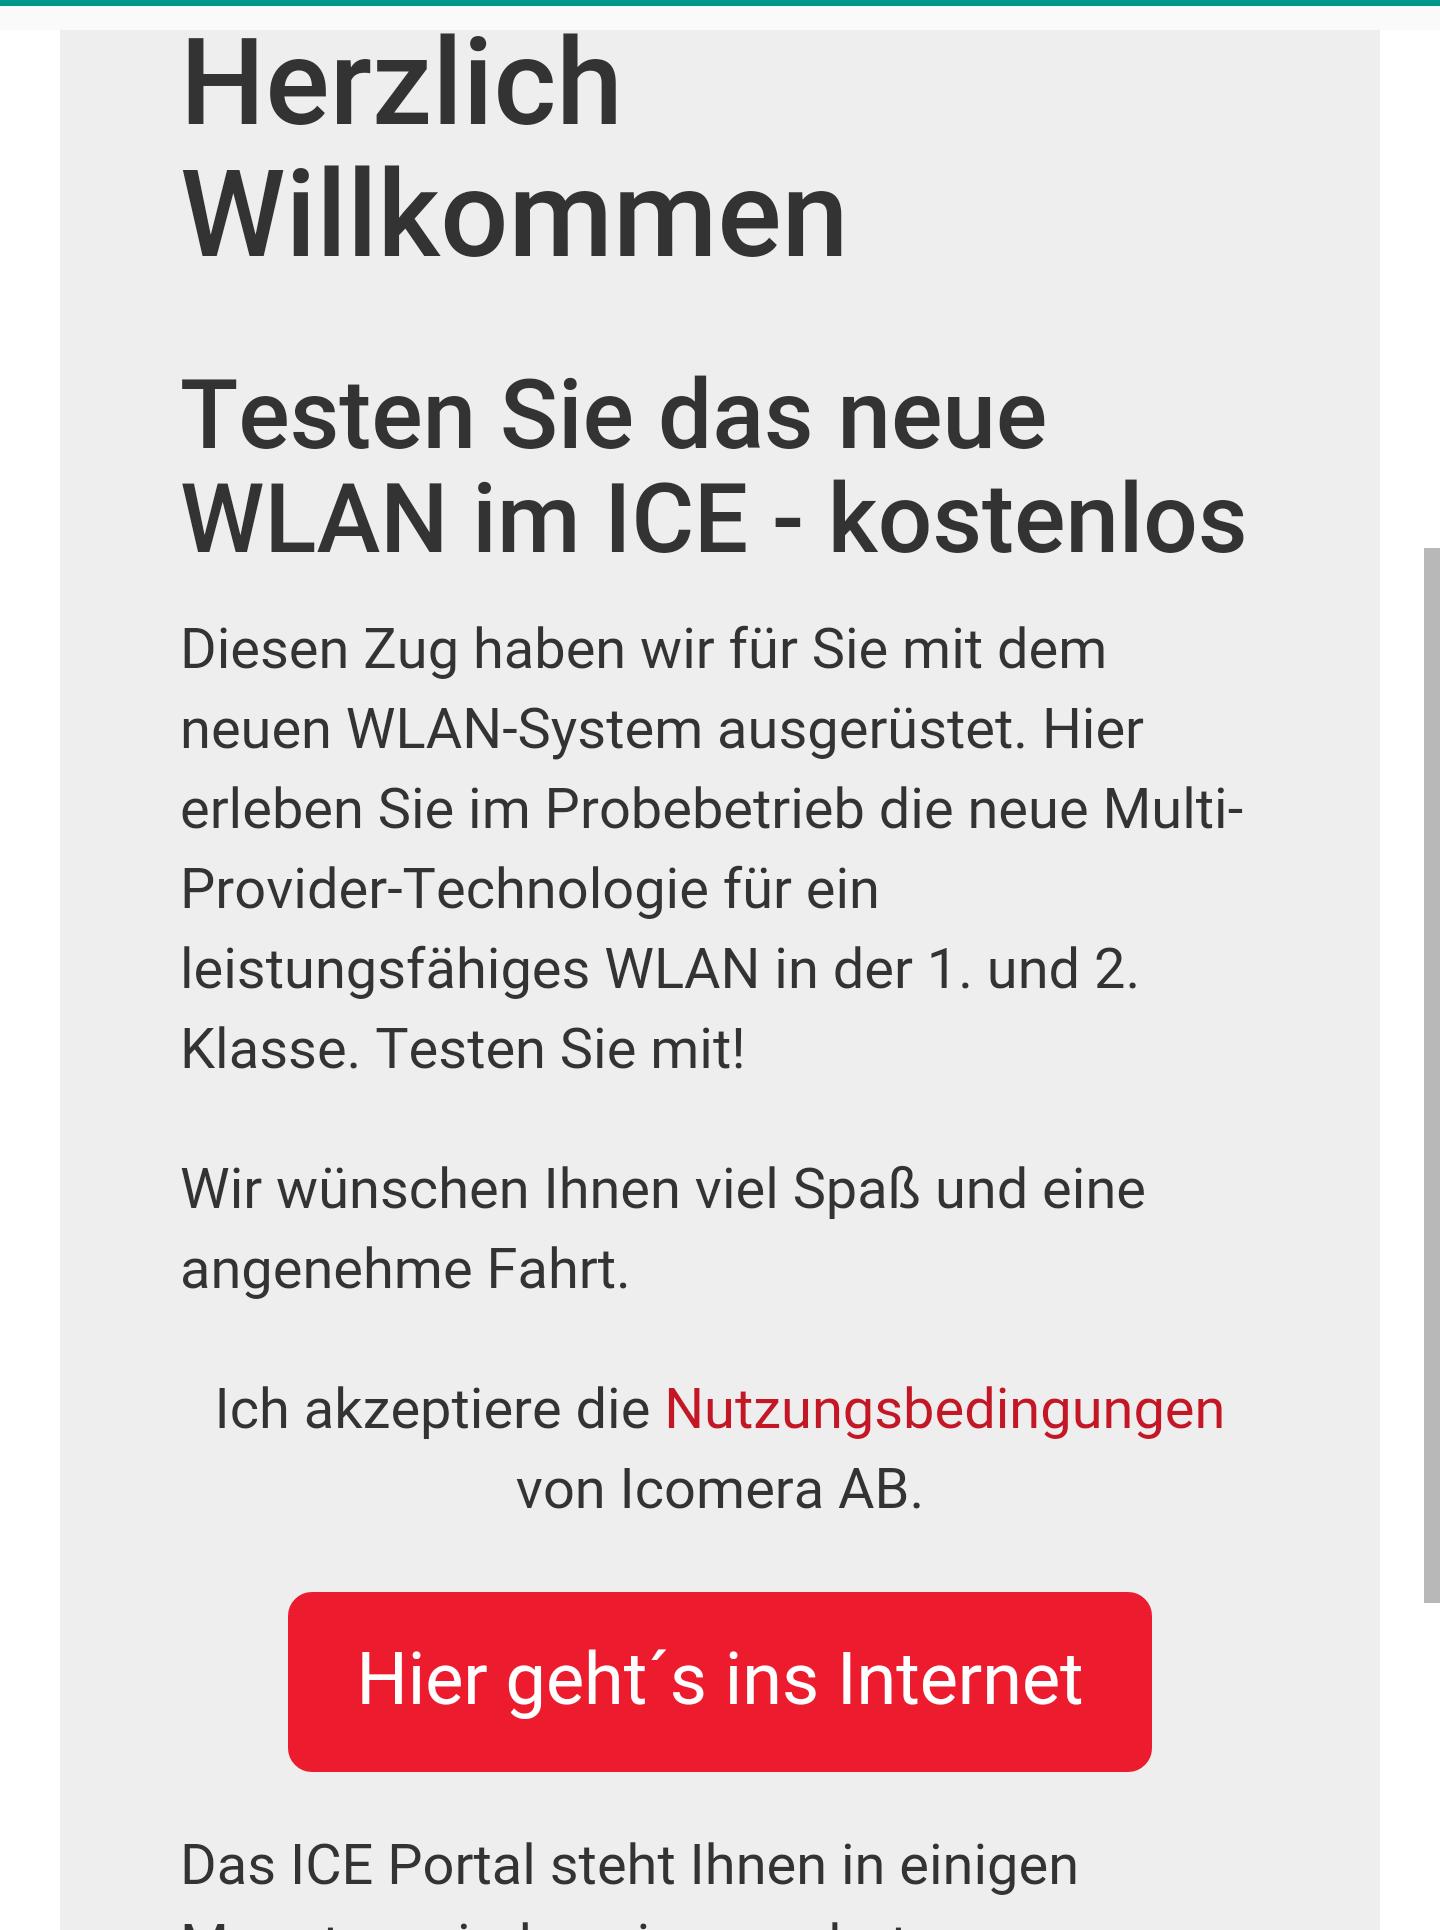 [WIFIOnICE] Das neue WLAN im ICE